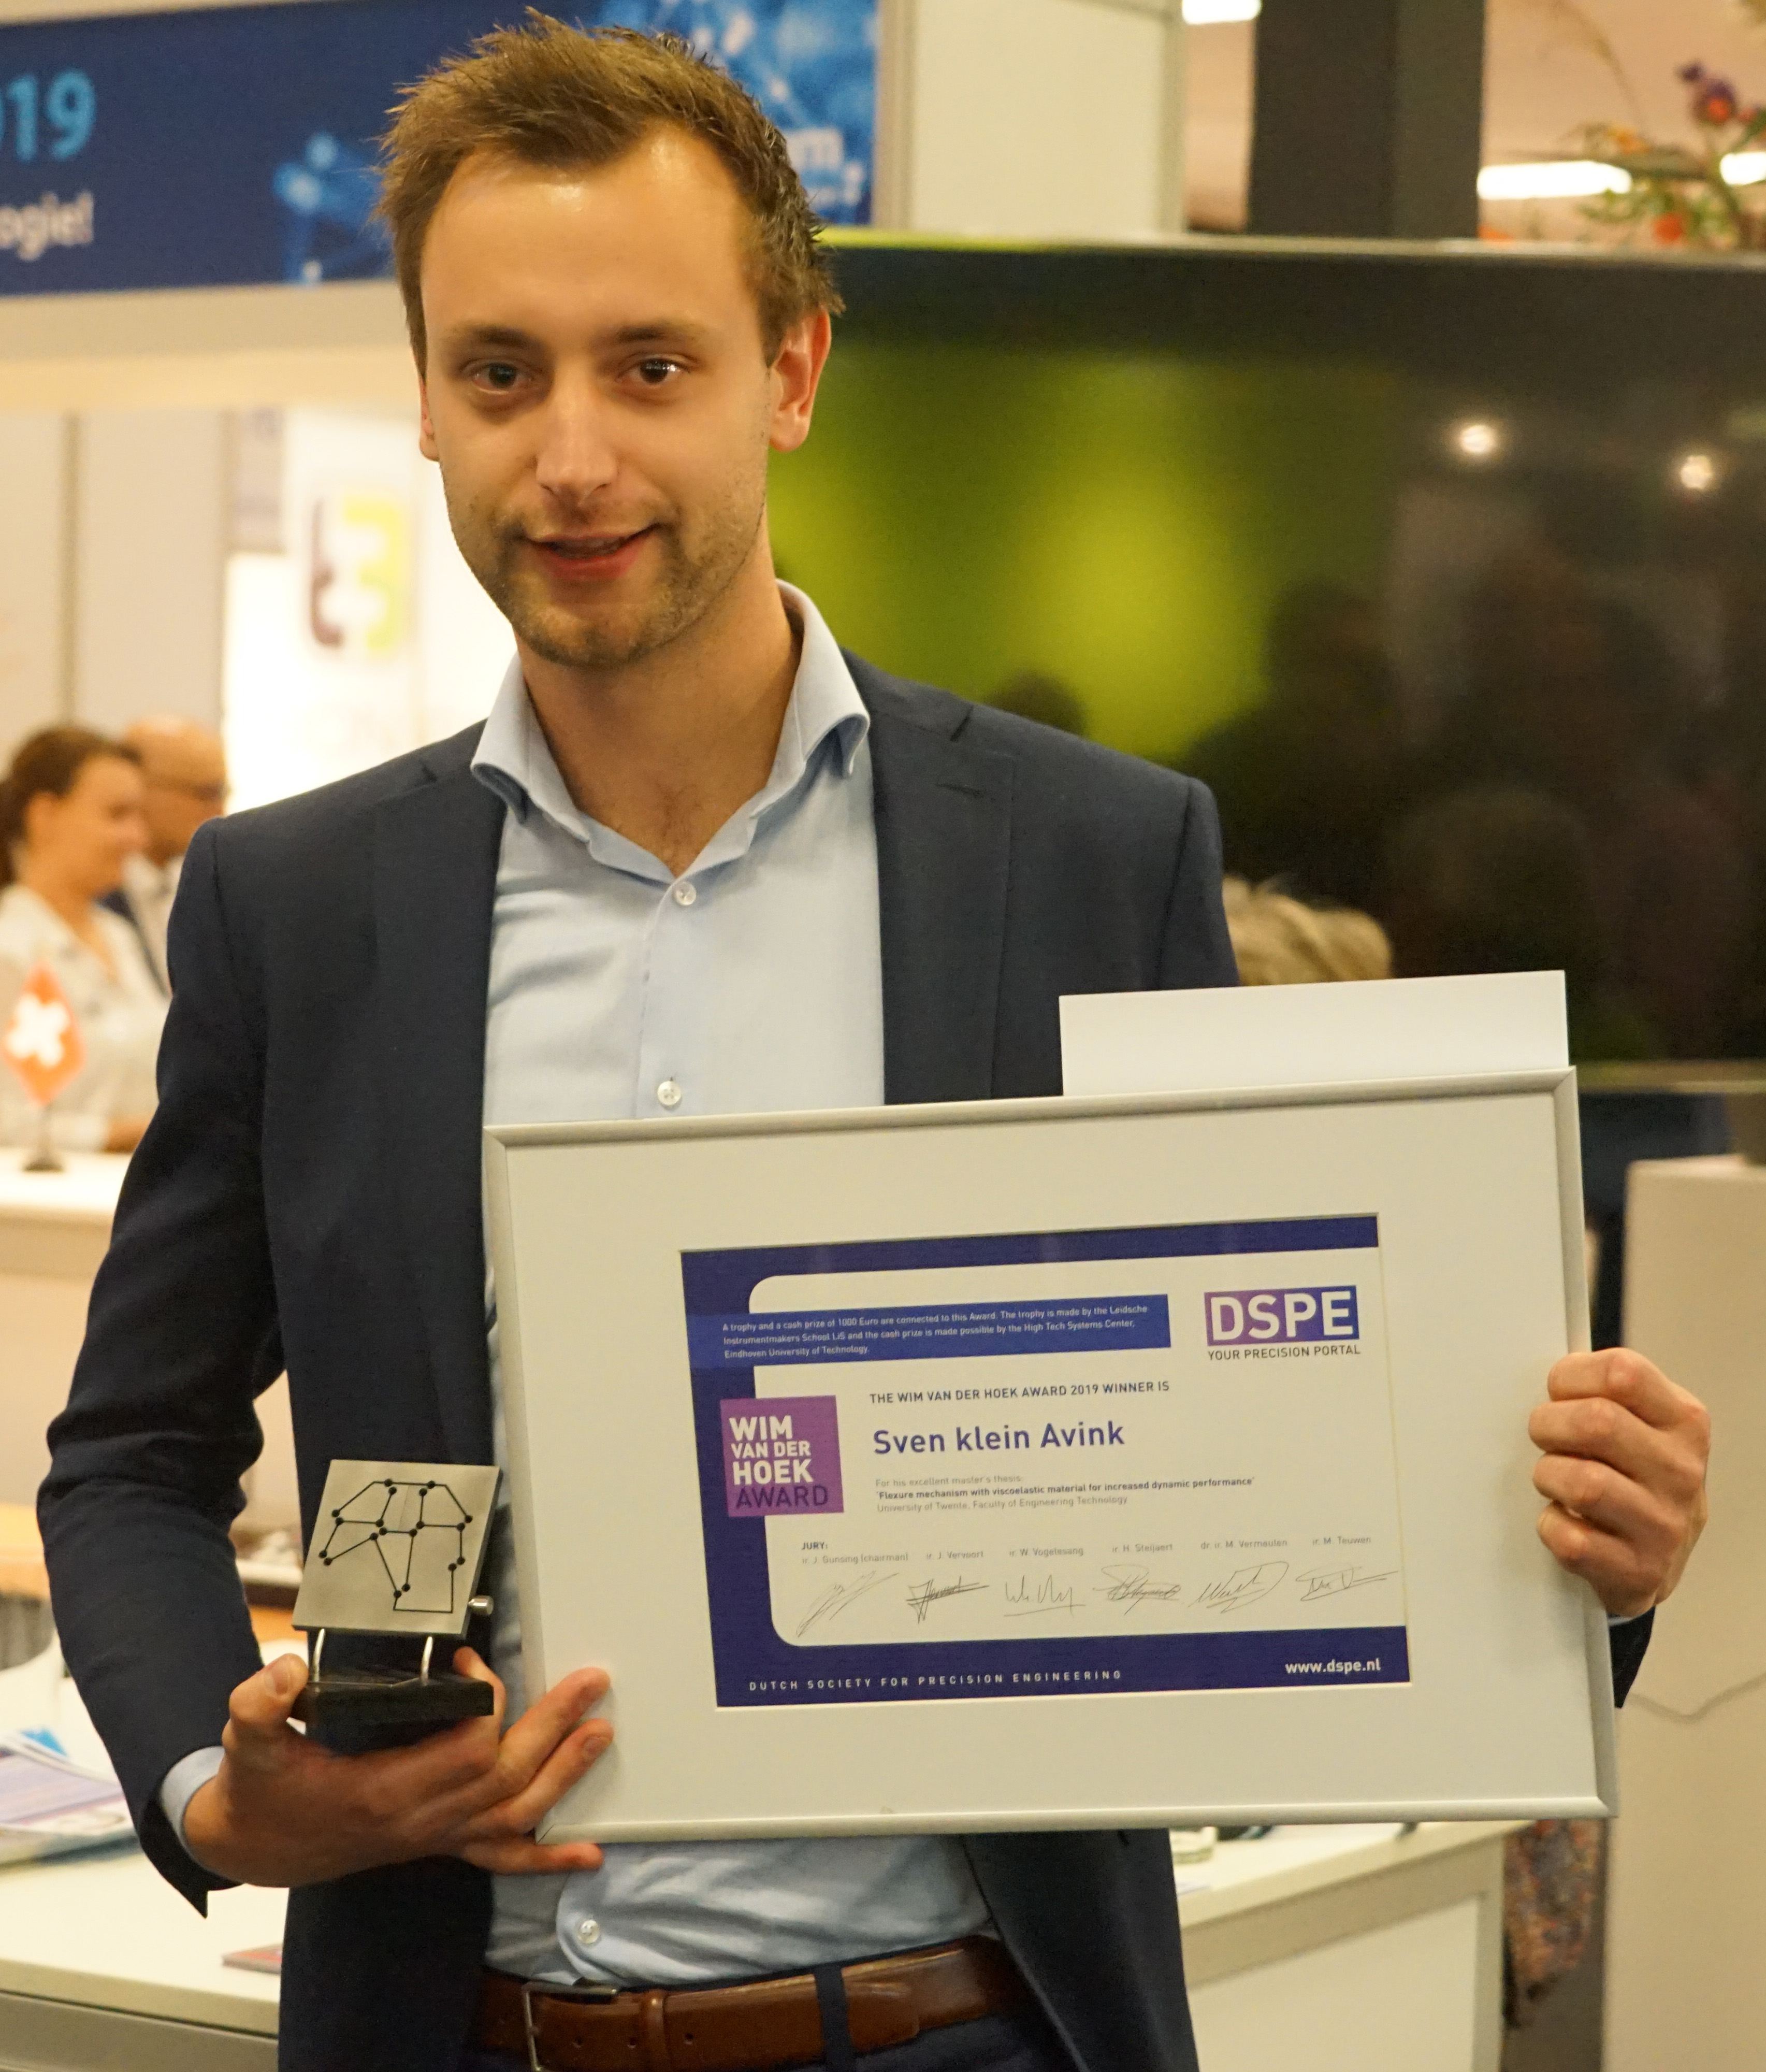 Prize for addition to Van der Hoek's principal work